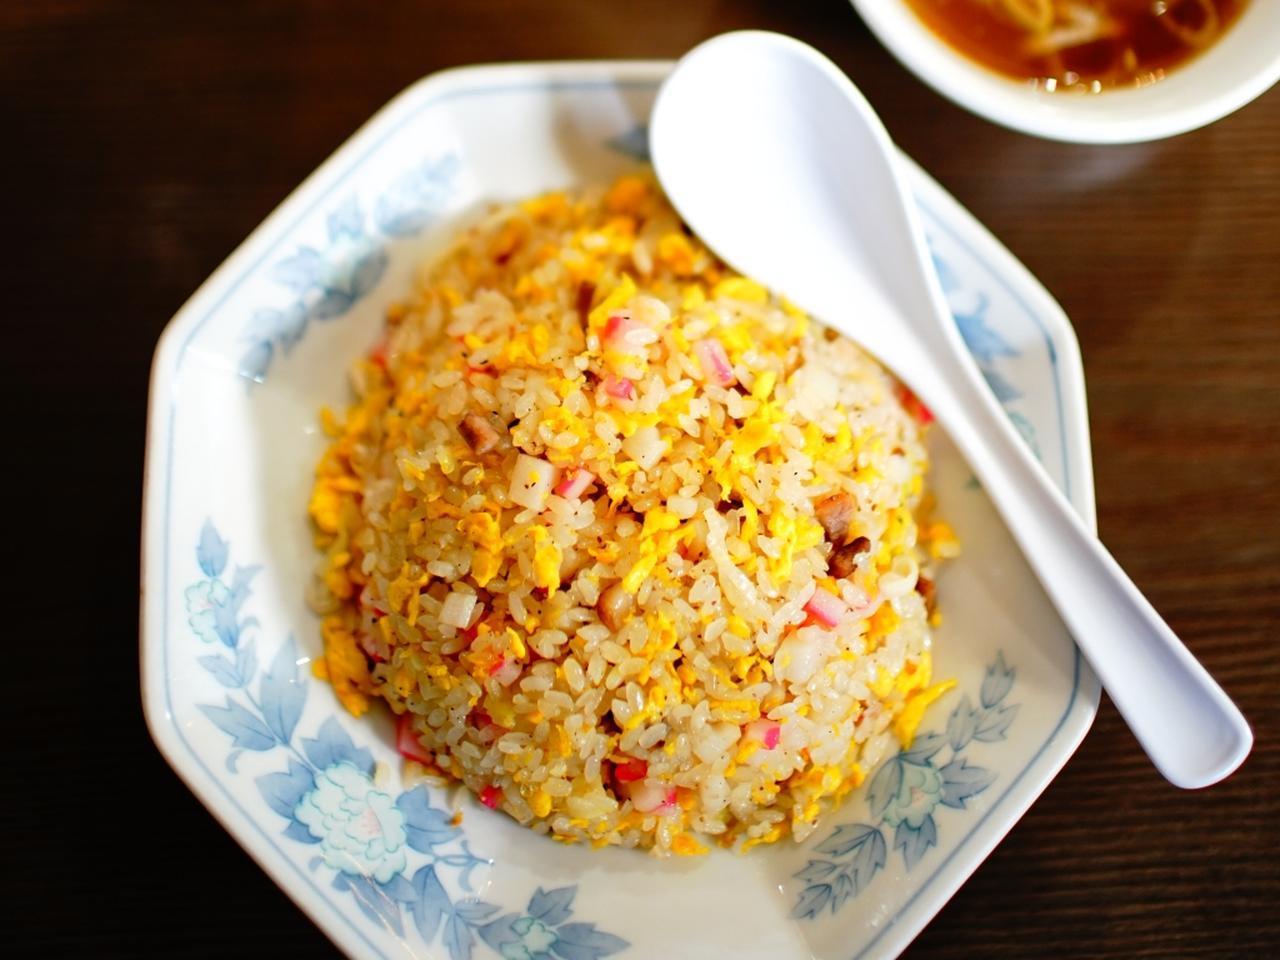 画像: ひと粒ひと粒の米が立っている! 全国の食通を魅了する味一の「チャーハン(700円)」